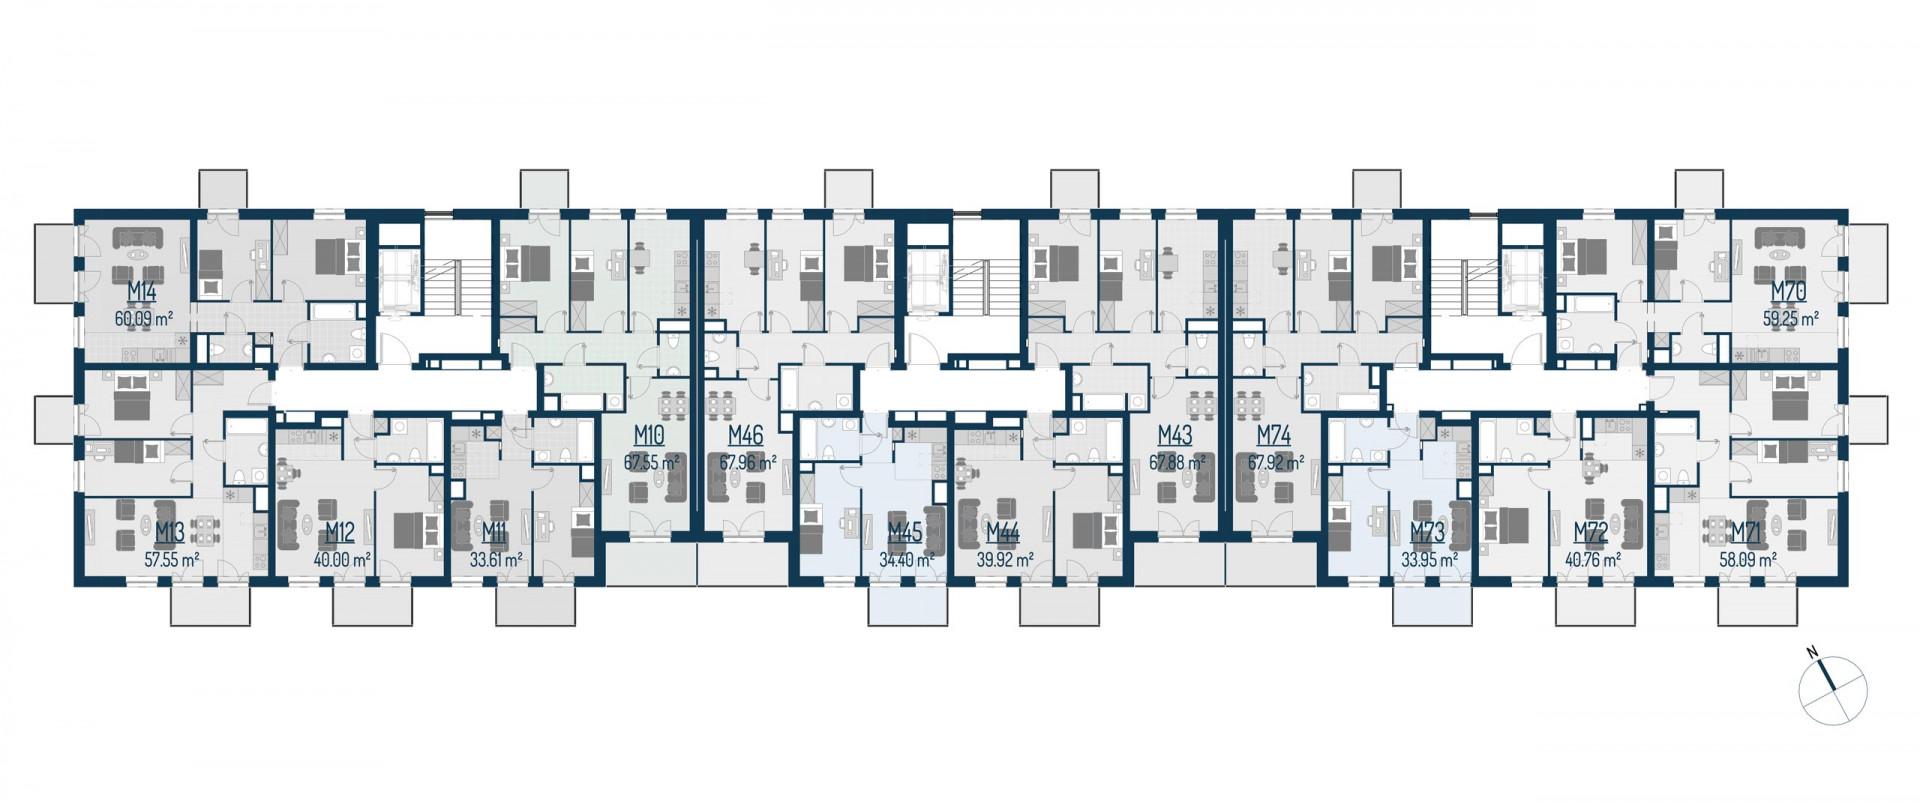 Zdrowe Stylove / budynek 1 / mieszkanie nr M13 rzut 2